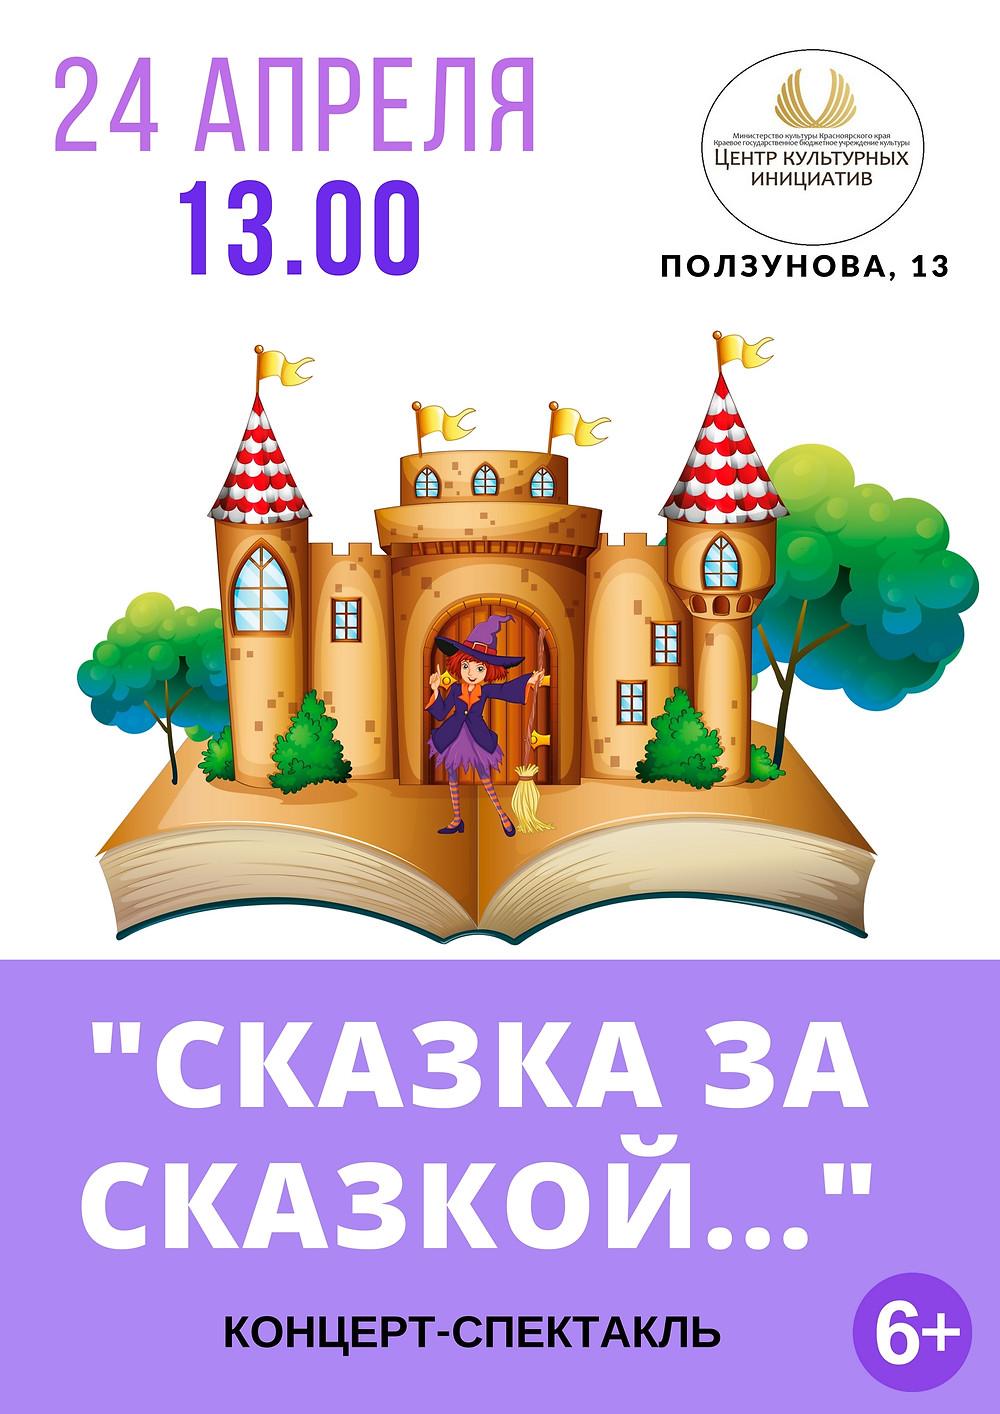 24 апреля в 13.00 состоится концерт-спектакль «Сказка за сказкой» на сцене «Центра культурных инициатив».